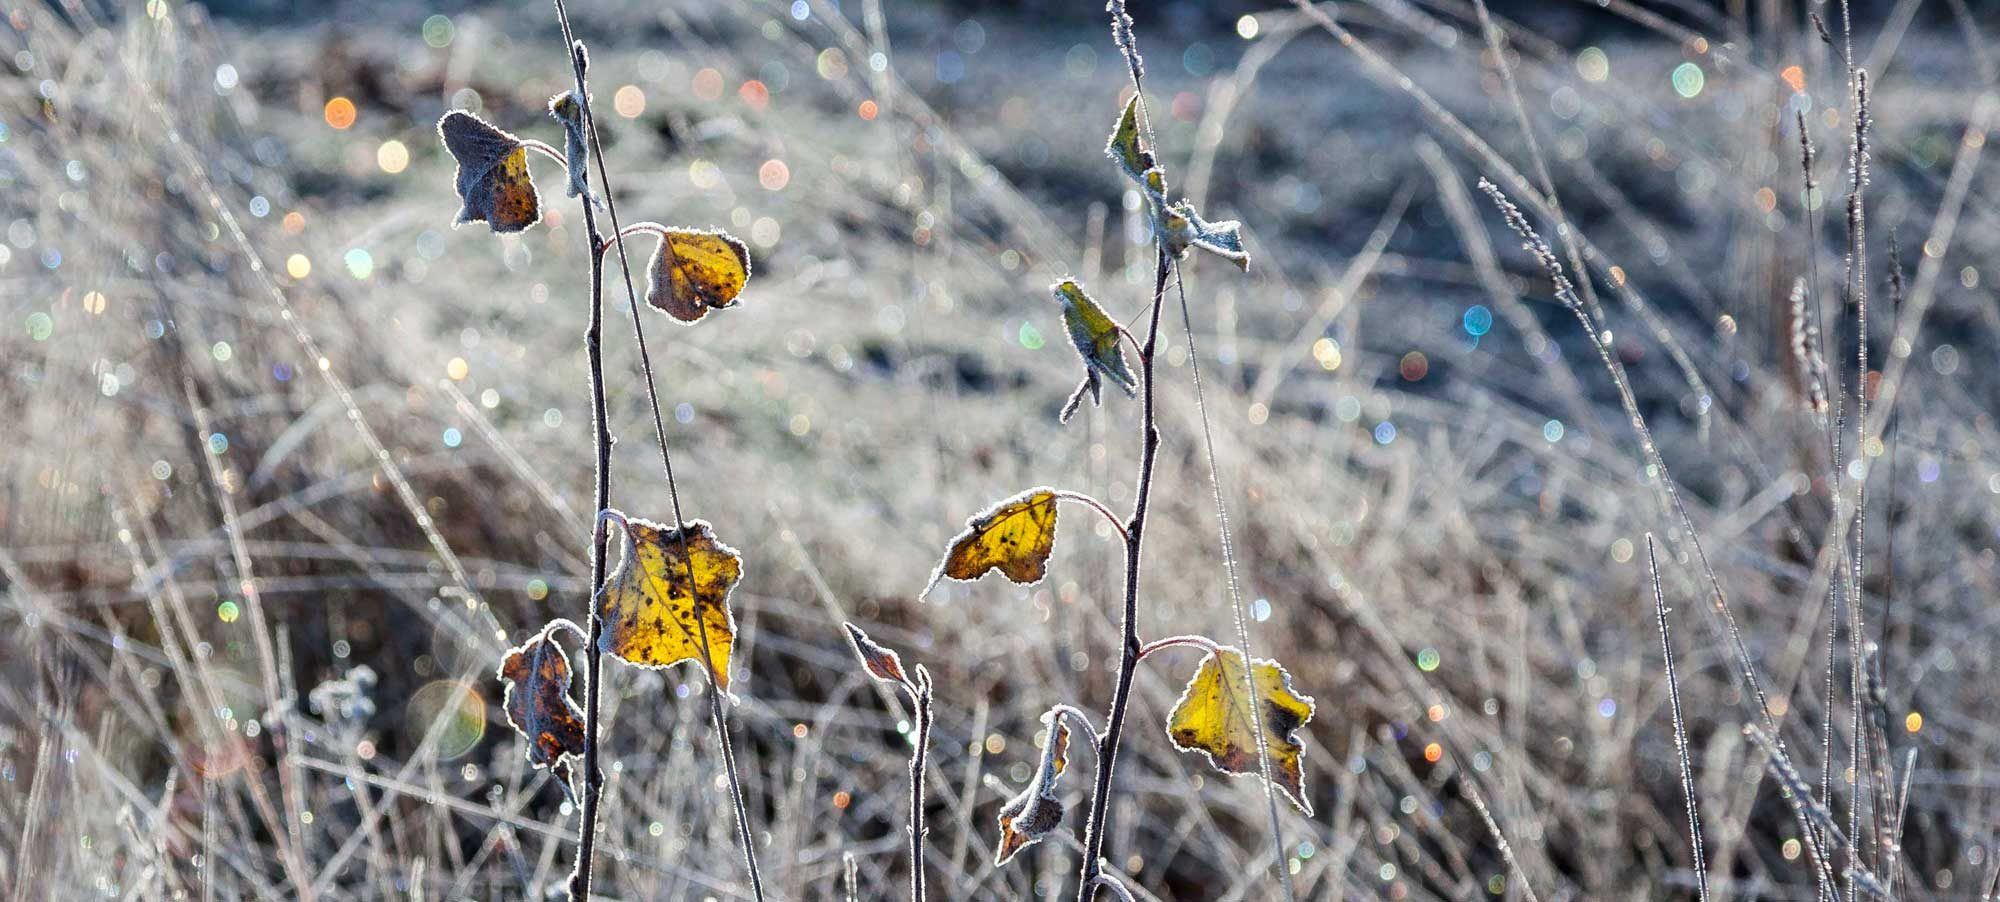 planta-heladaW